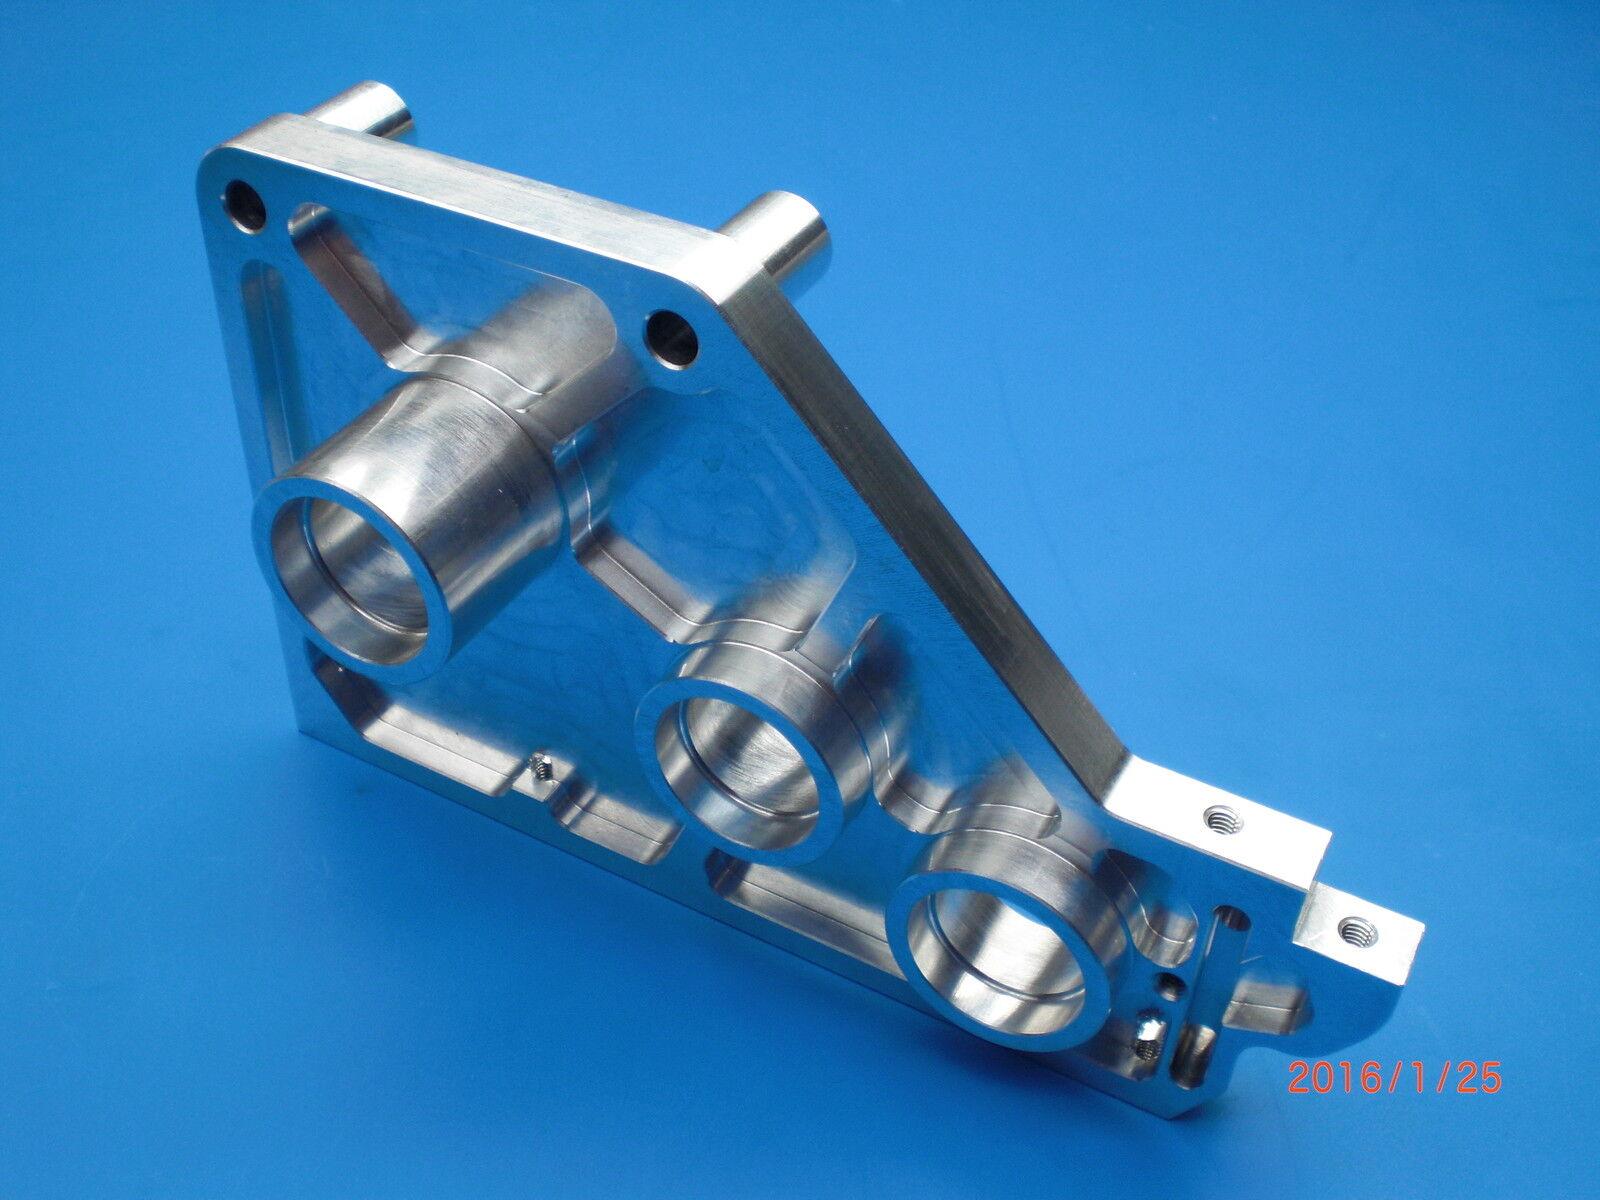 Lauterbacher Alu-Getriebeplatte für Graupner MT 6  | Tragen-wider